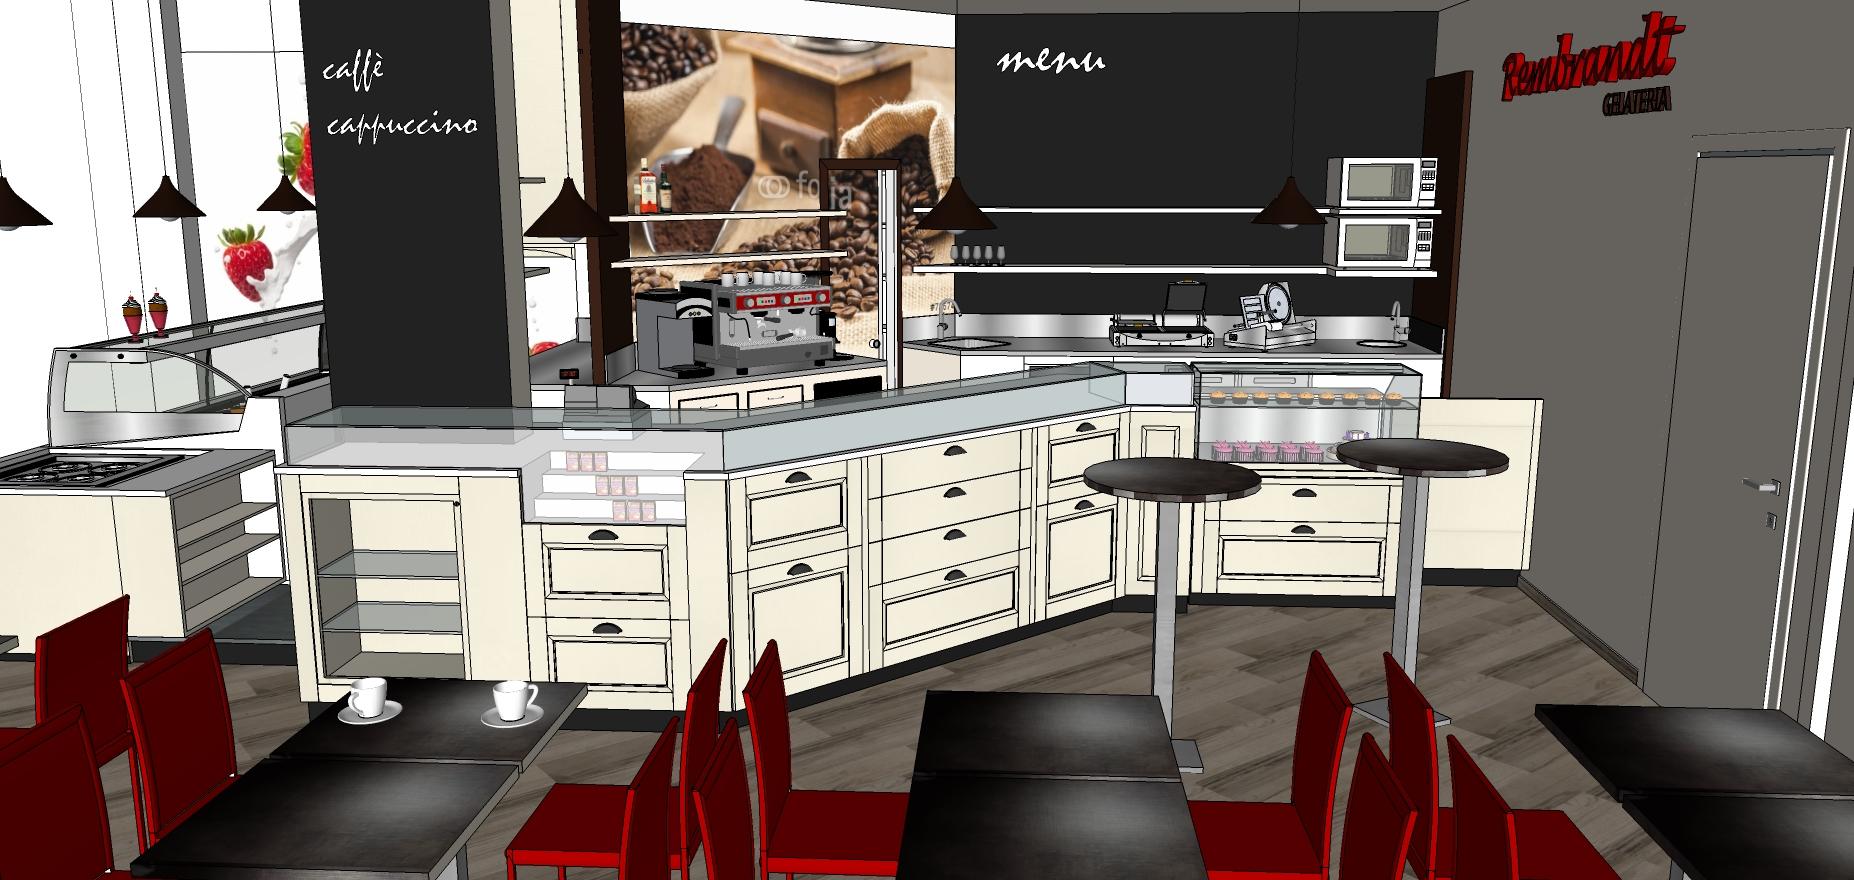 Immagine 3D del lato caffetteria pensata per la Gelateria Caffetteria Rembrandt a Milano